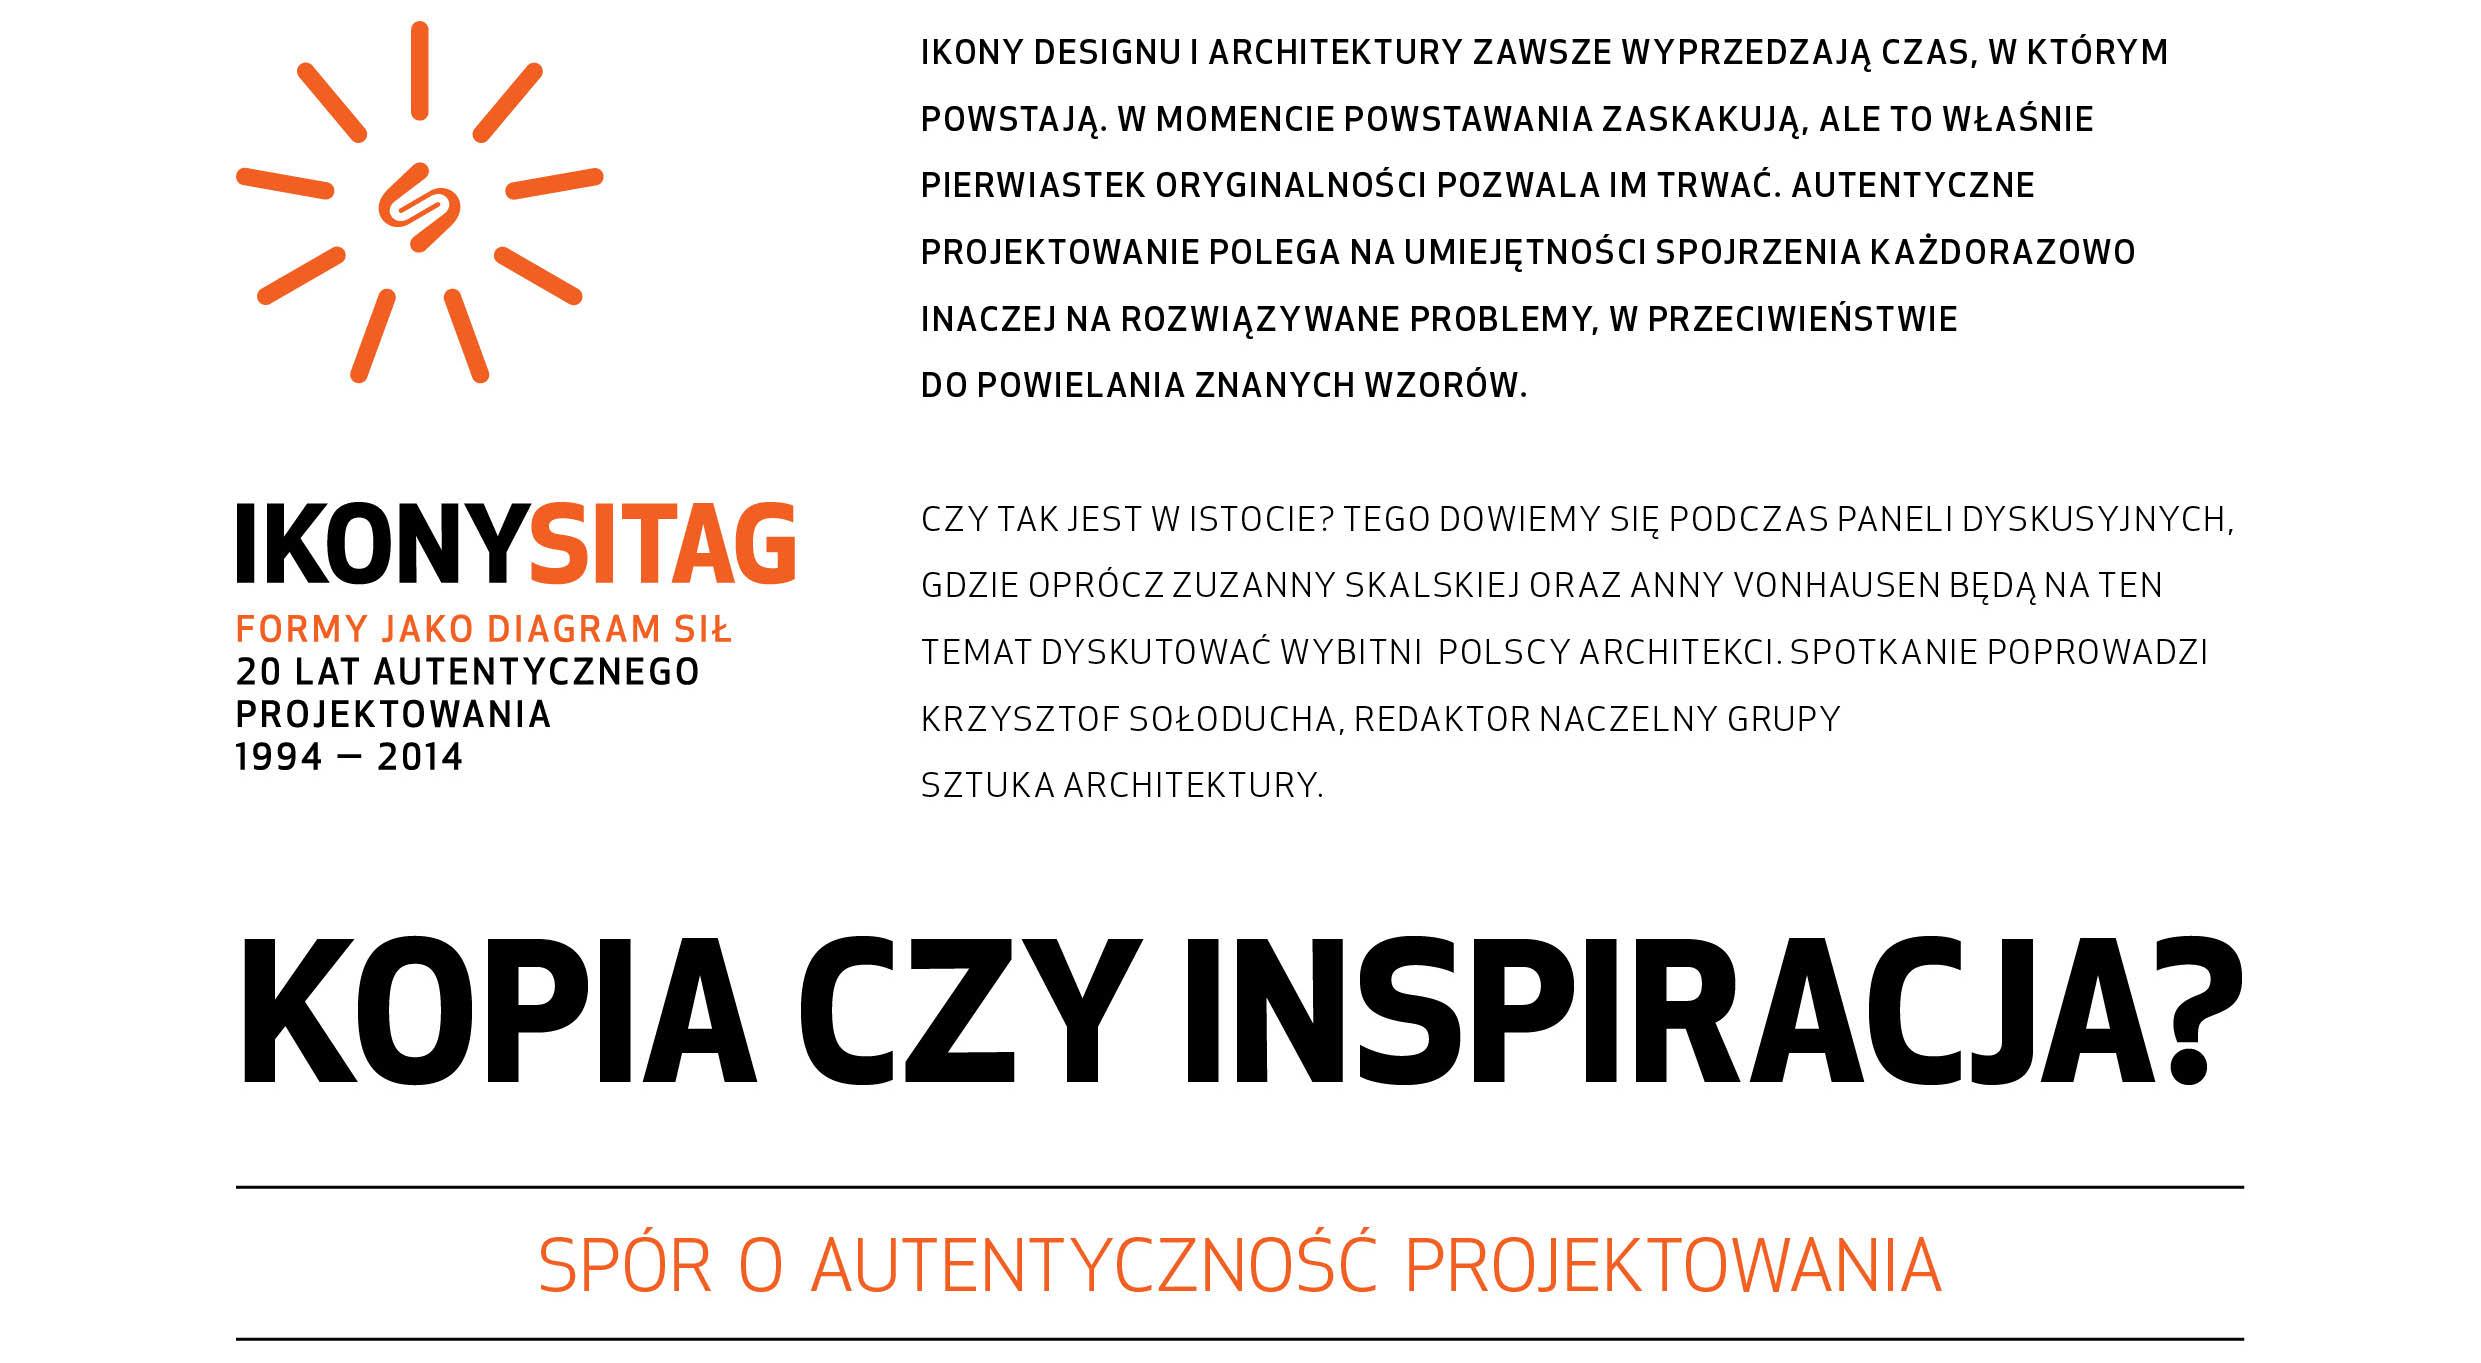 Kopia czy inspiracja2